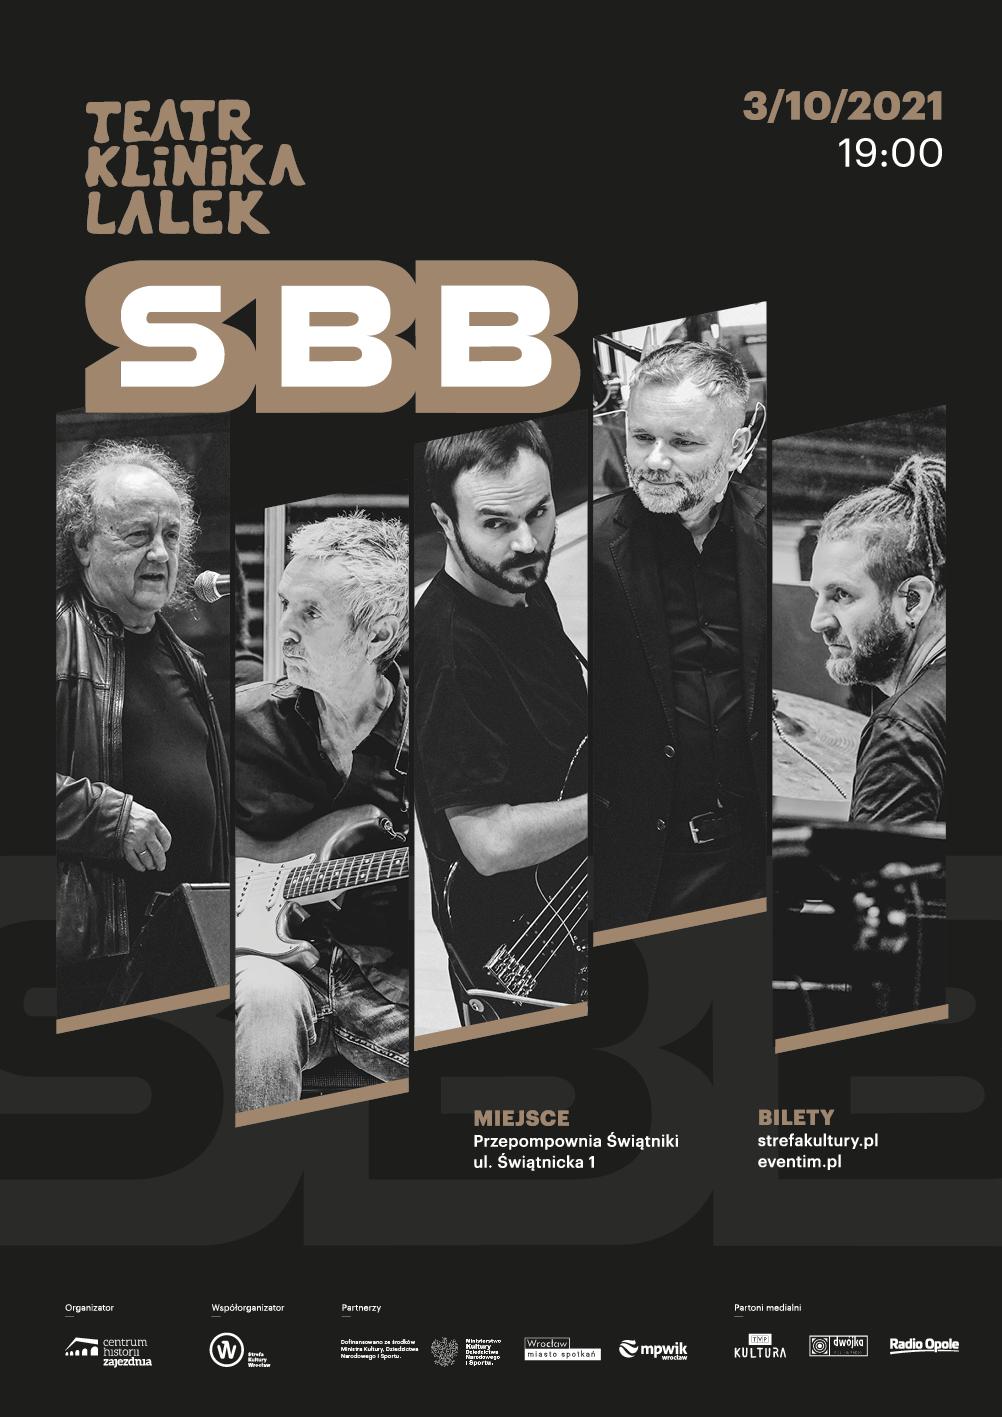 SBB – wyjątkowy koncert z okazji 50-lecia zespołu tym razem we Wrocławiu. Muzyka będzie połączona ze spektaklem Teatru Klinika Lalek!